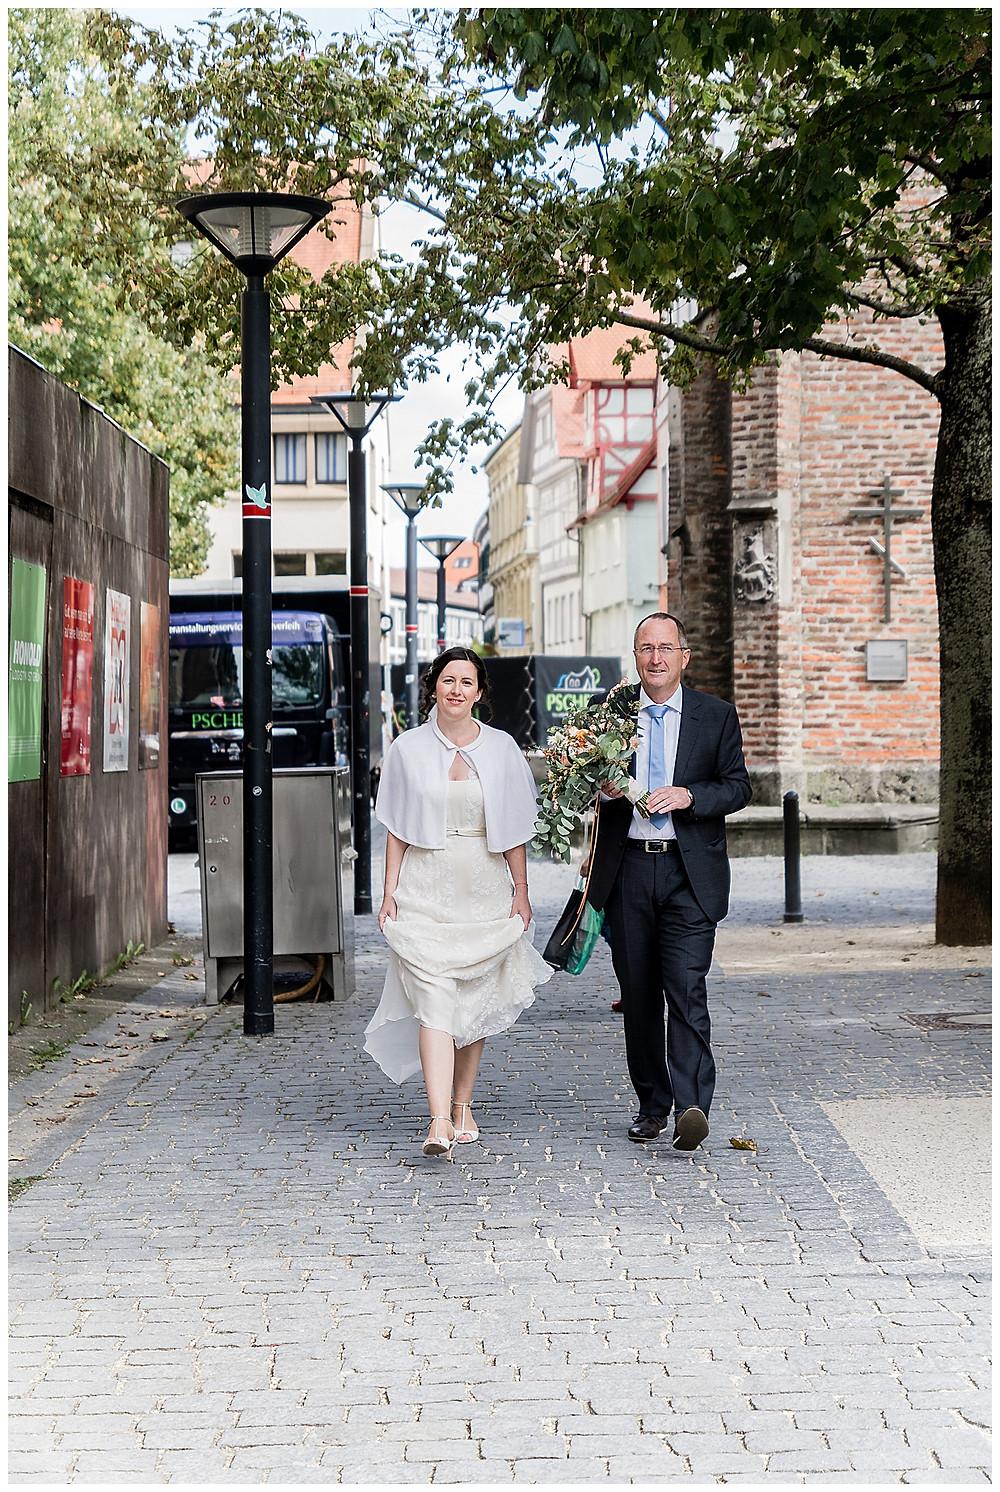 Braut und Brautvater laufen